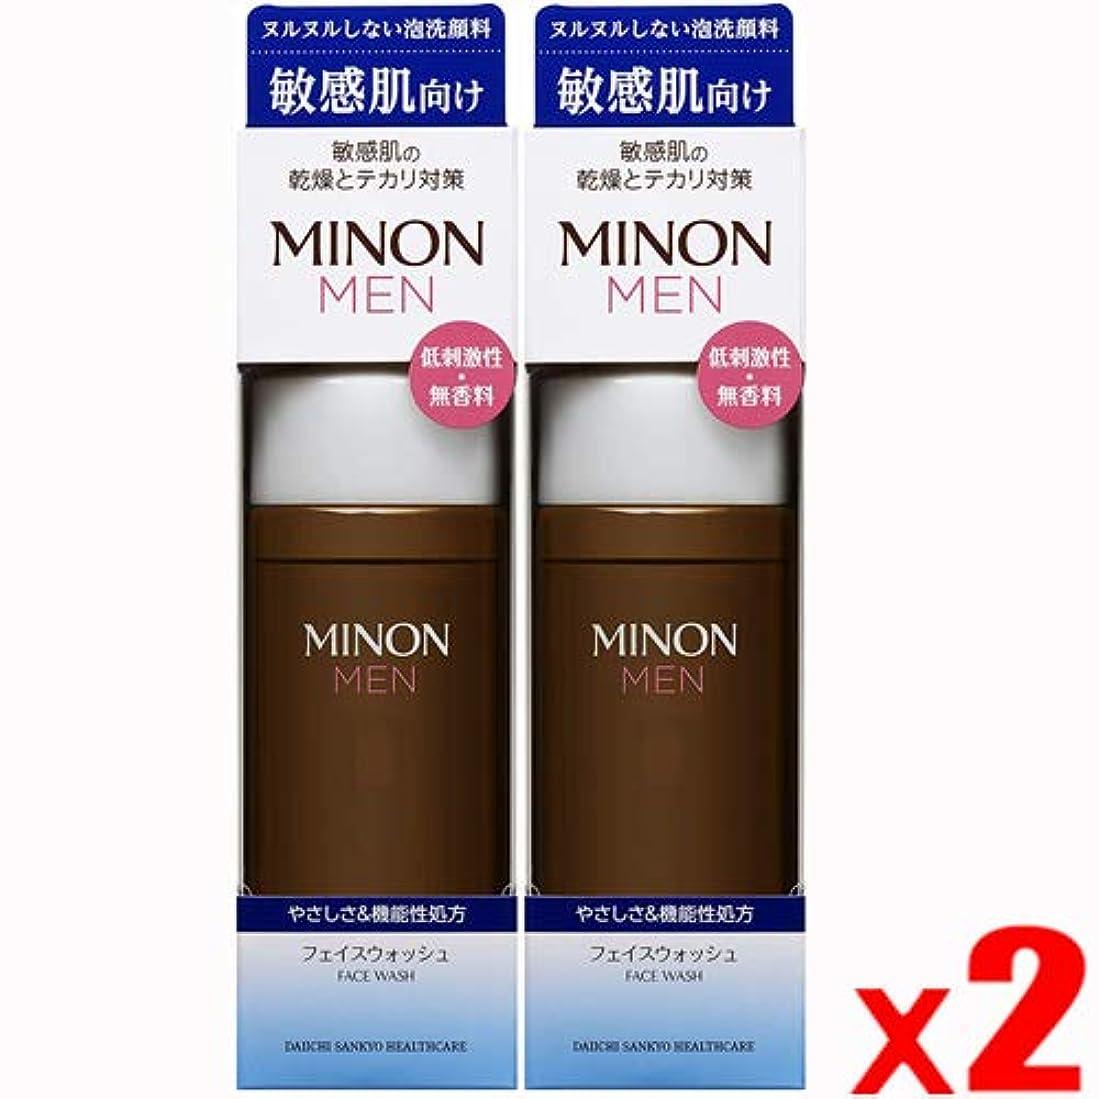 【2個】MINON MEN(ミノン メン) フェイスウォッシュ150mlx2個【泡洗顔料】(4987107624420-2)